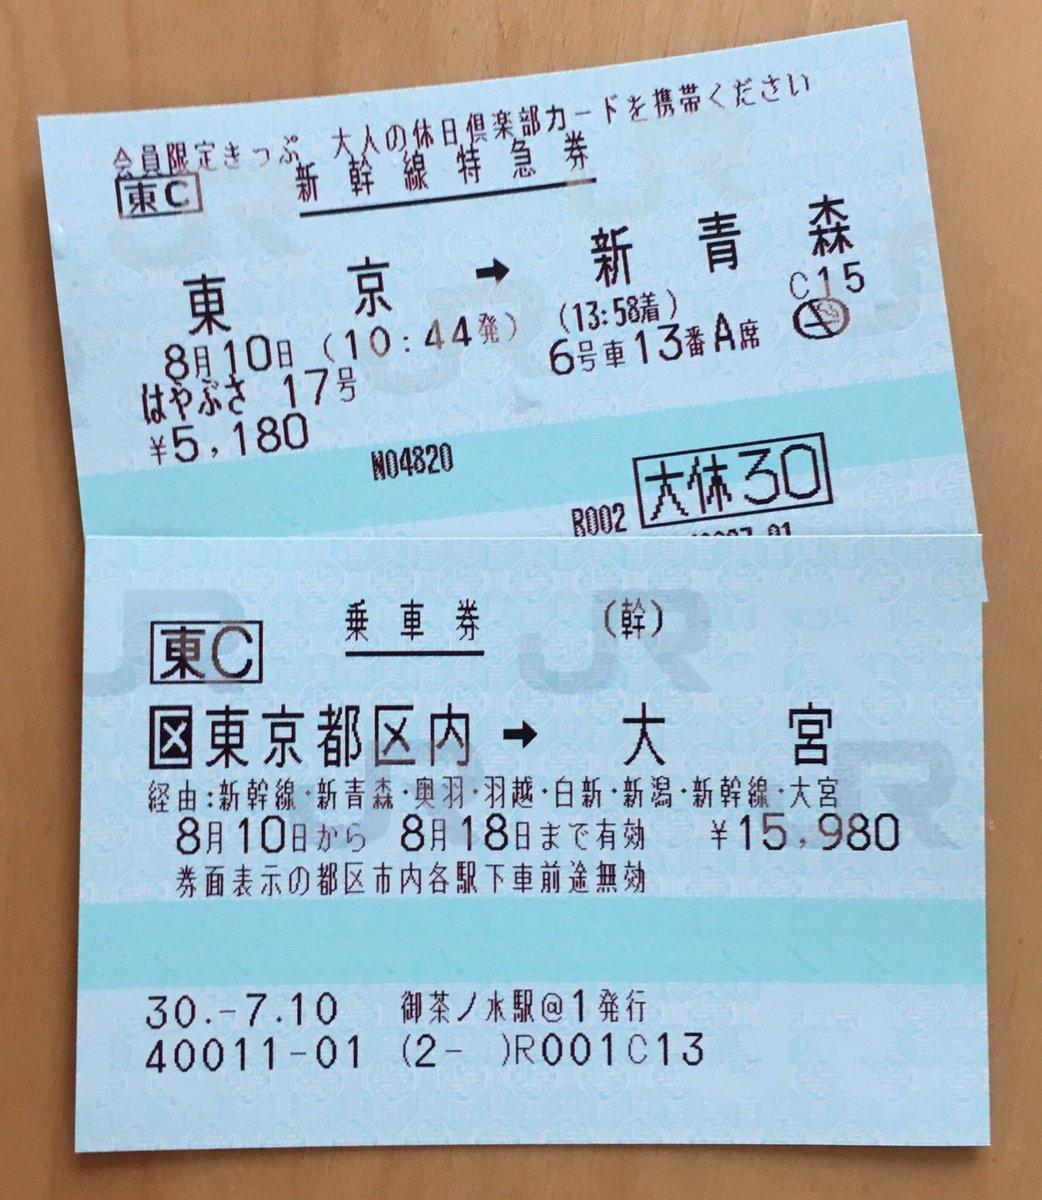 Yoshio HONMA (本間善夫) on Twi...